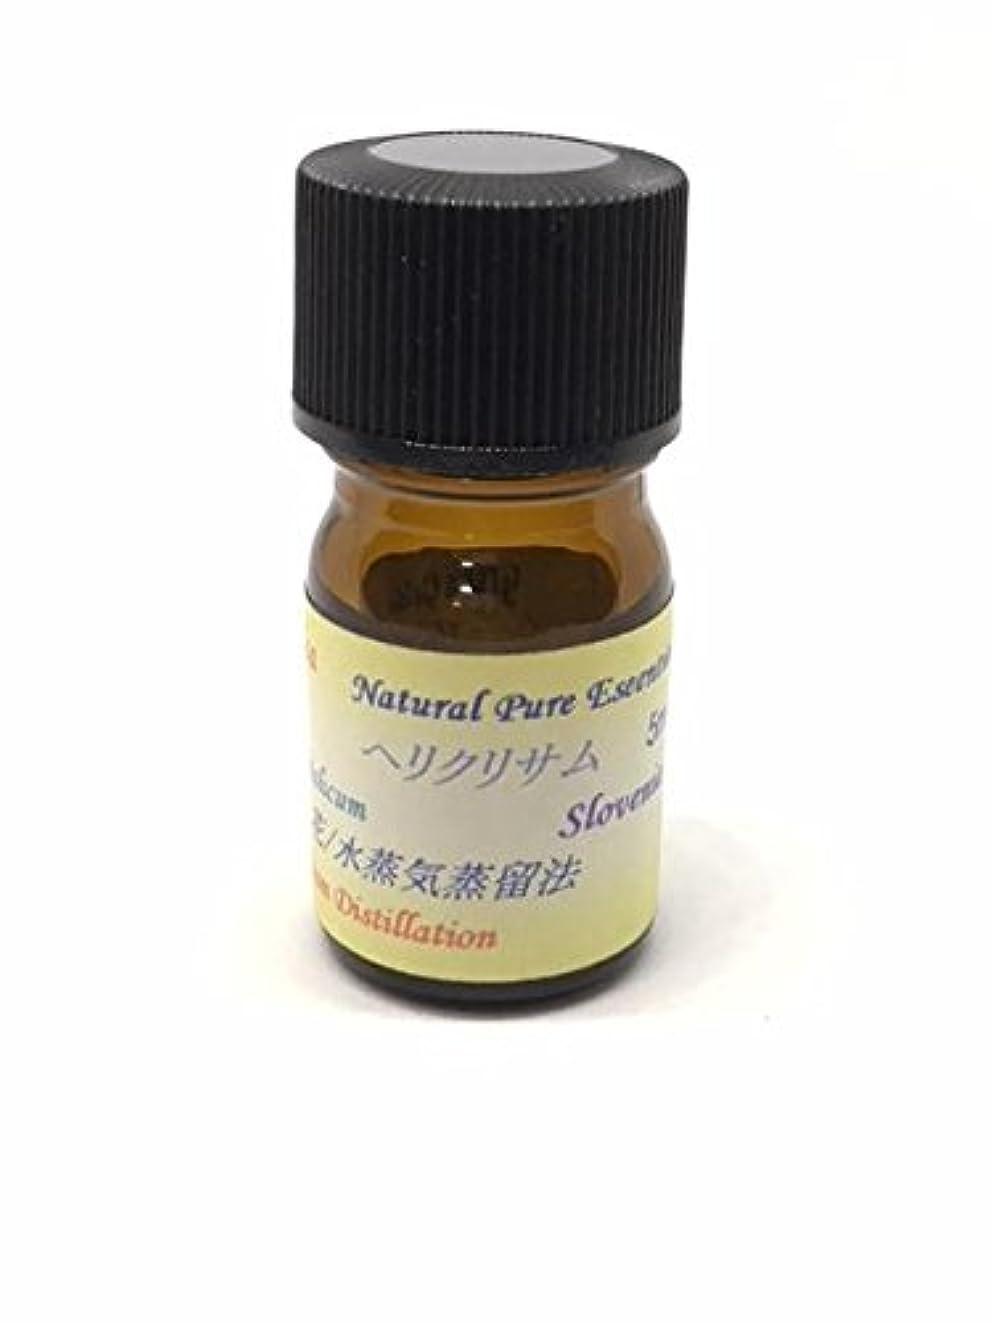 ヘリクリサムAbs ピュアエッセンシャルオイル精油 イモーテルAbs (30ml)